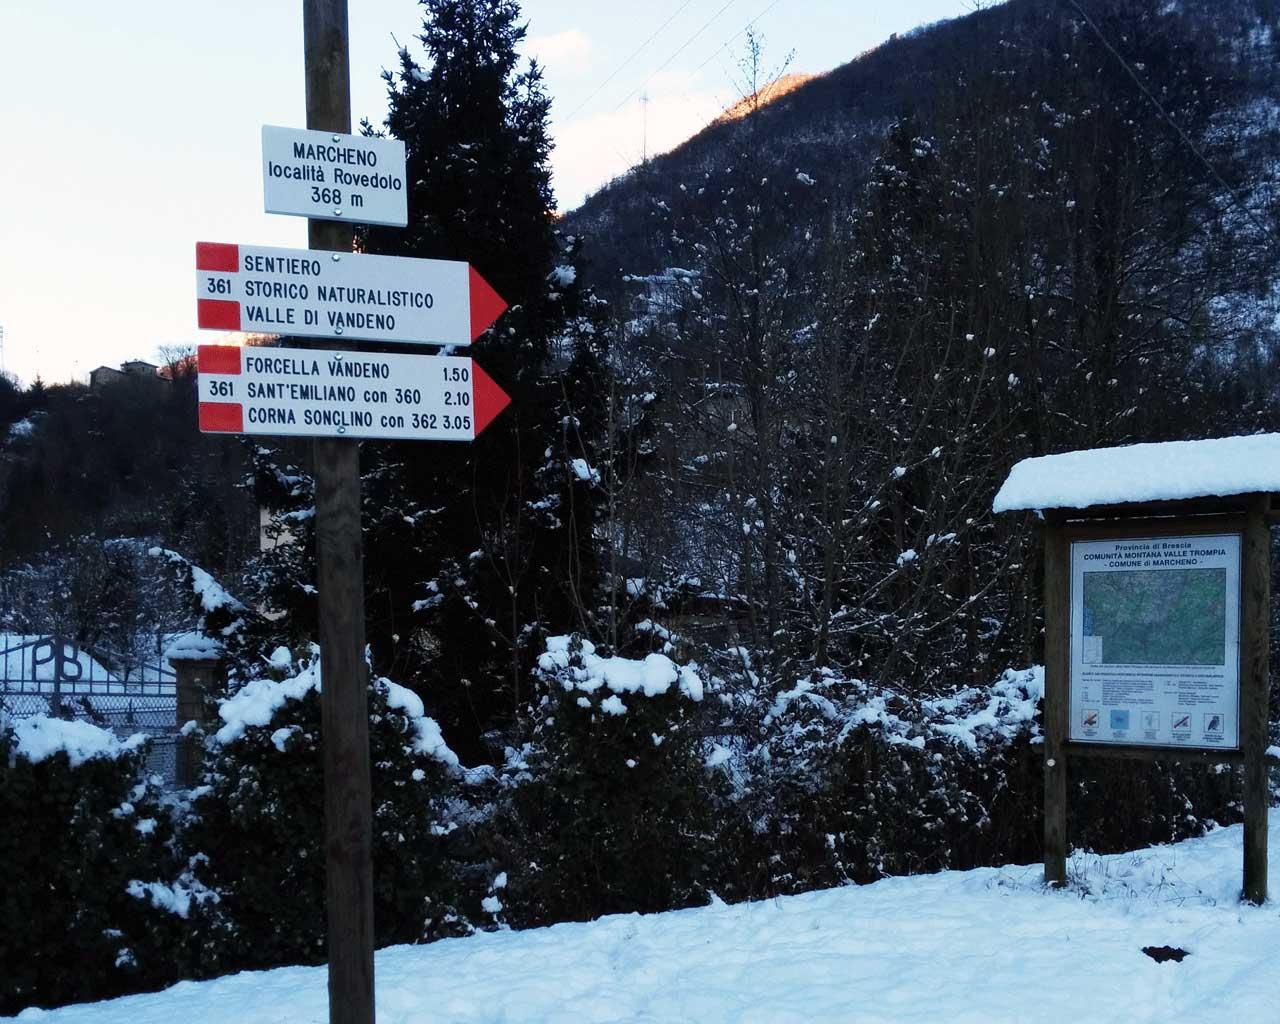 Segnavia innevati a Marcheno , indicanti la direzione per Sant'Emiliano